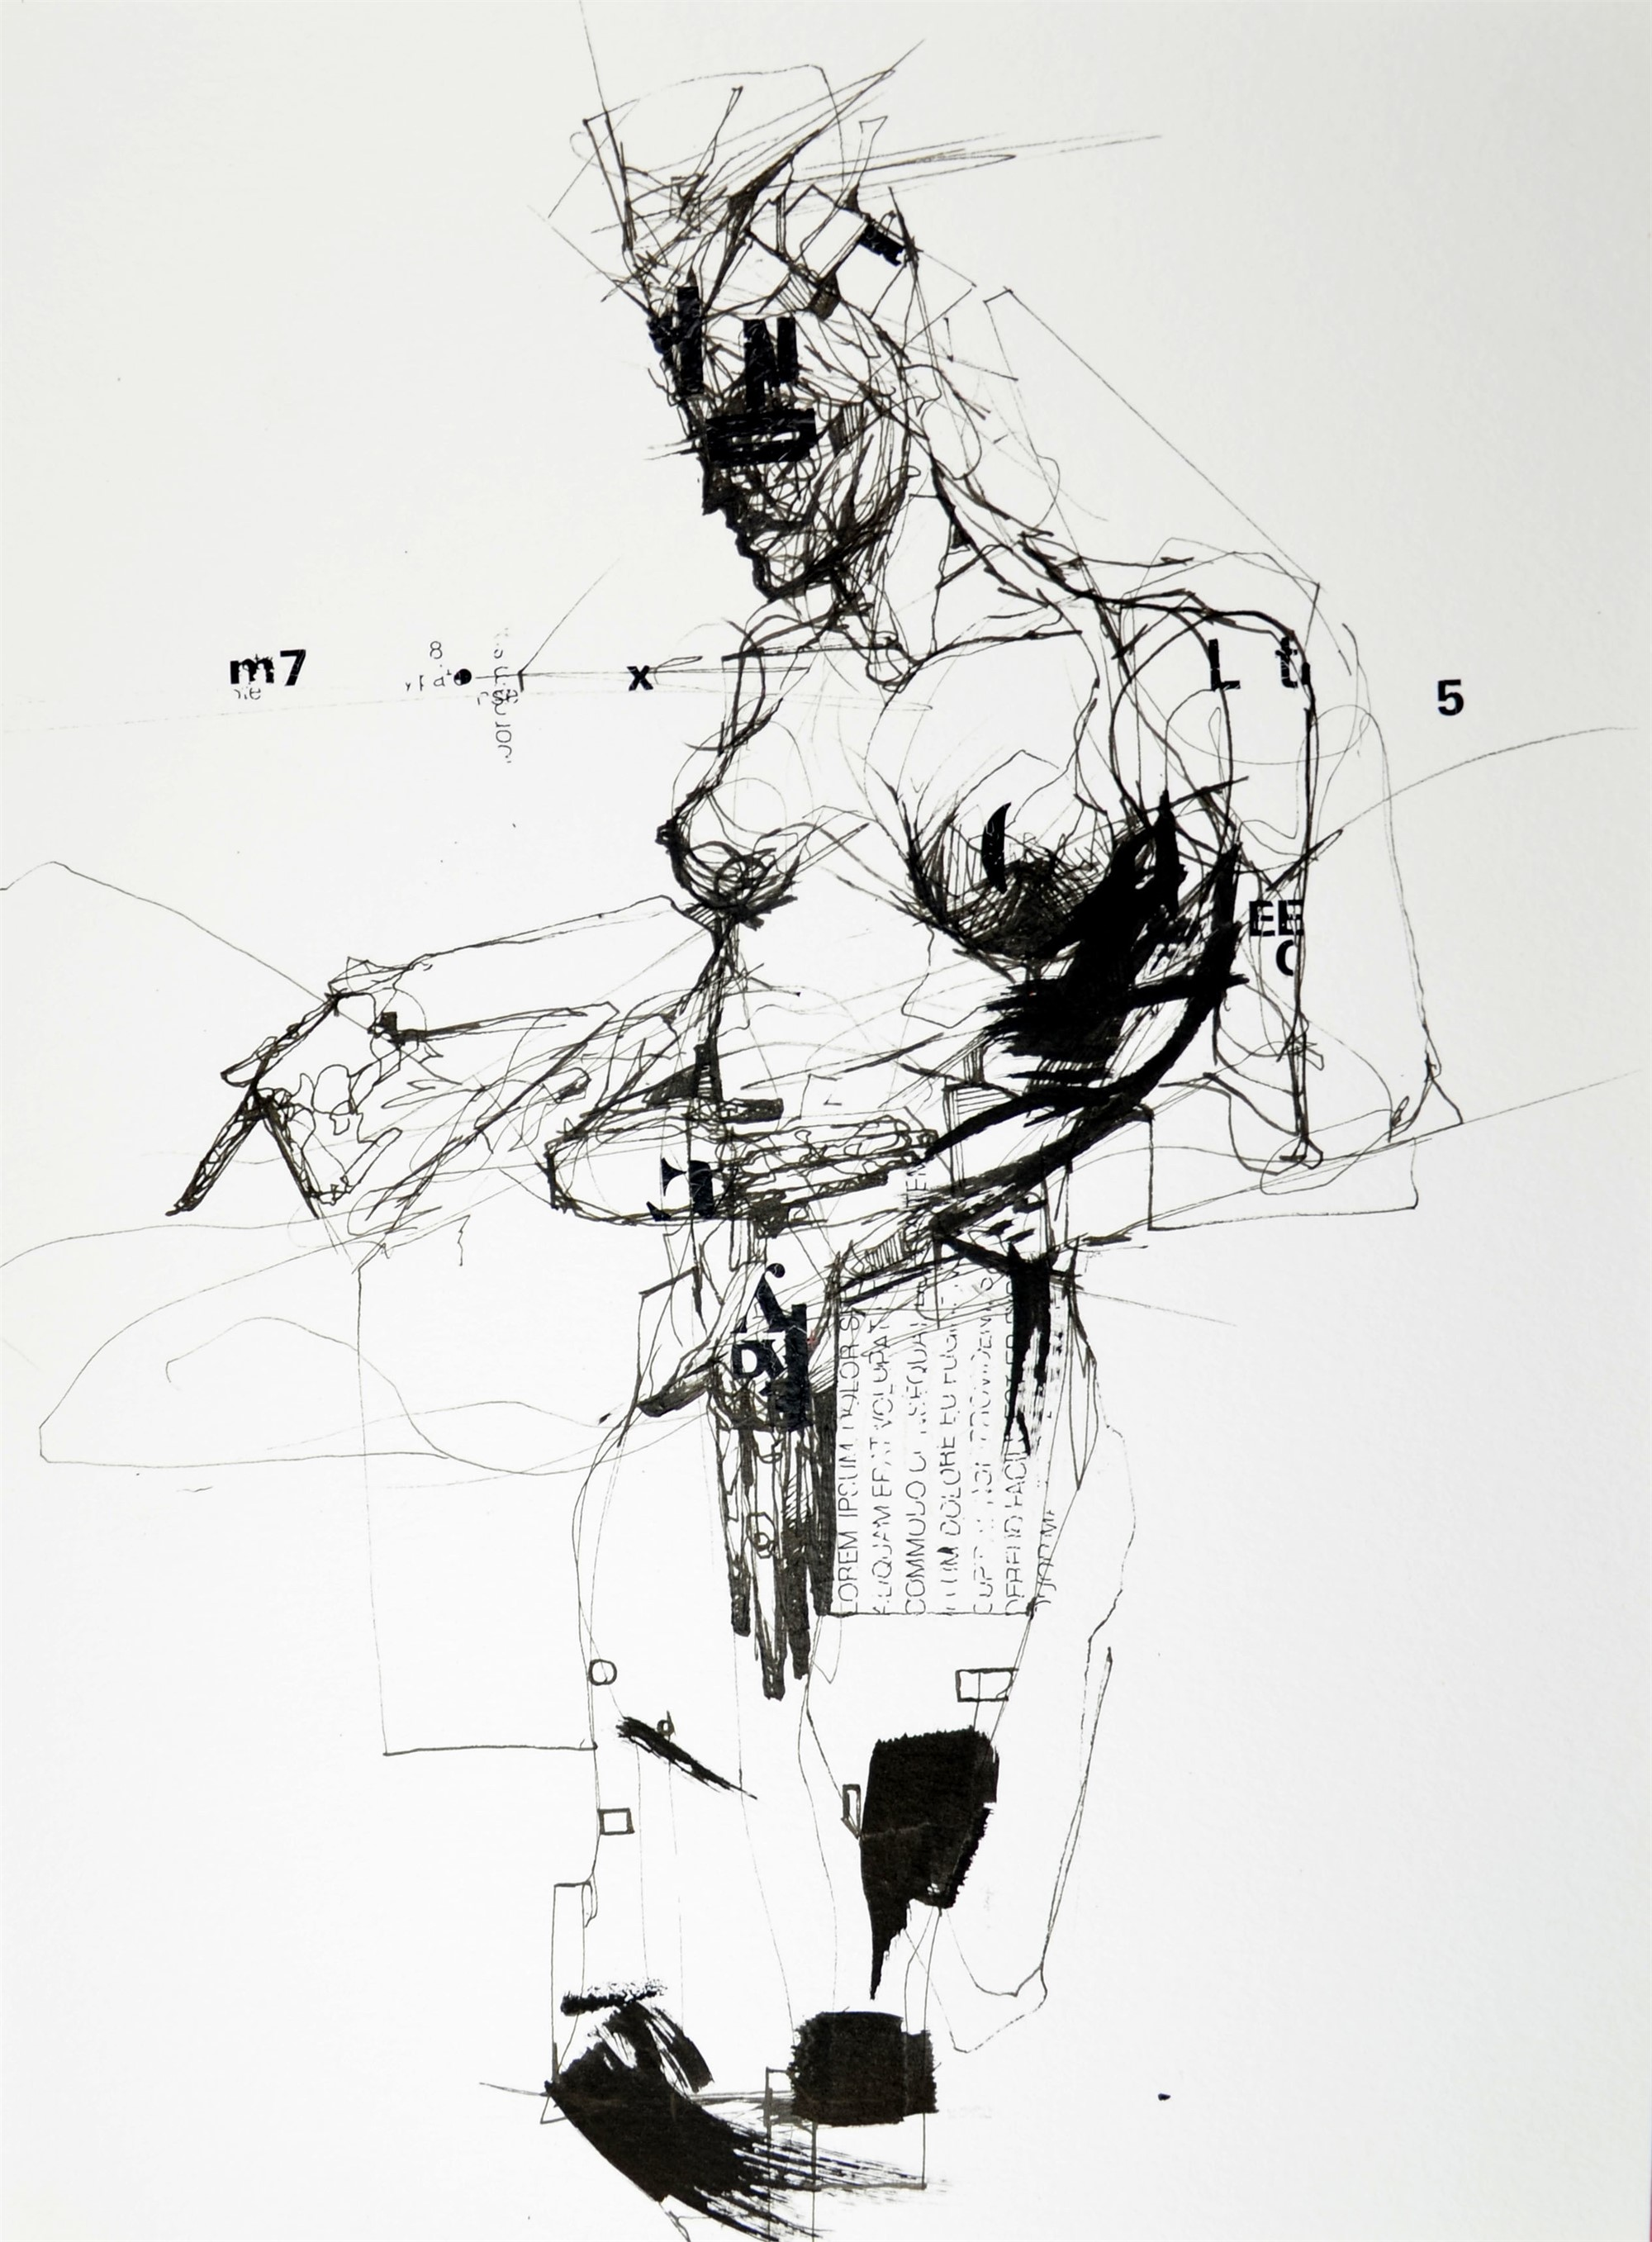 To Breathe by Aiden Kringen